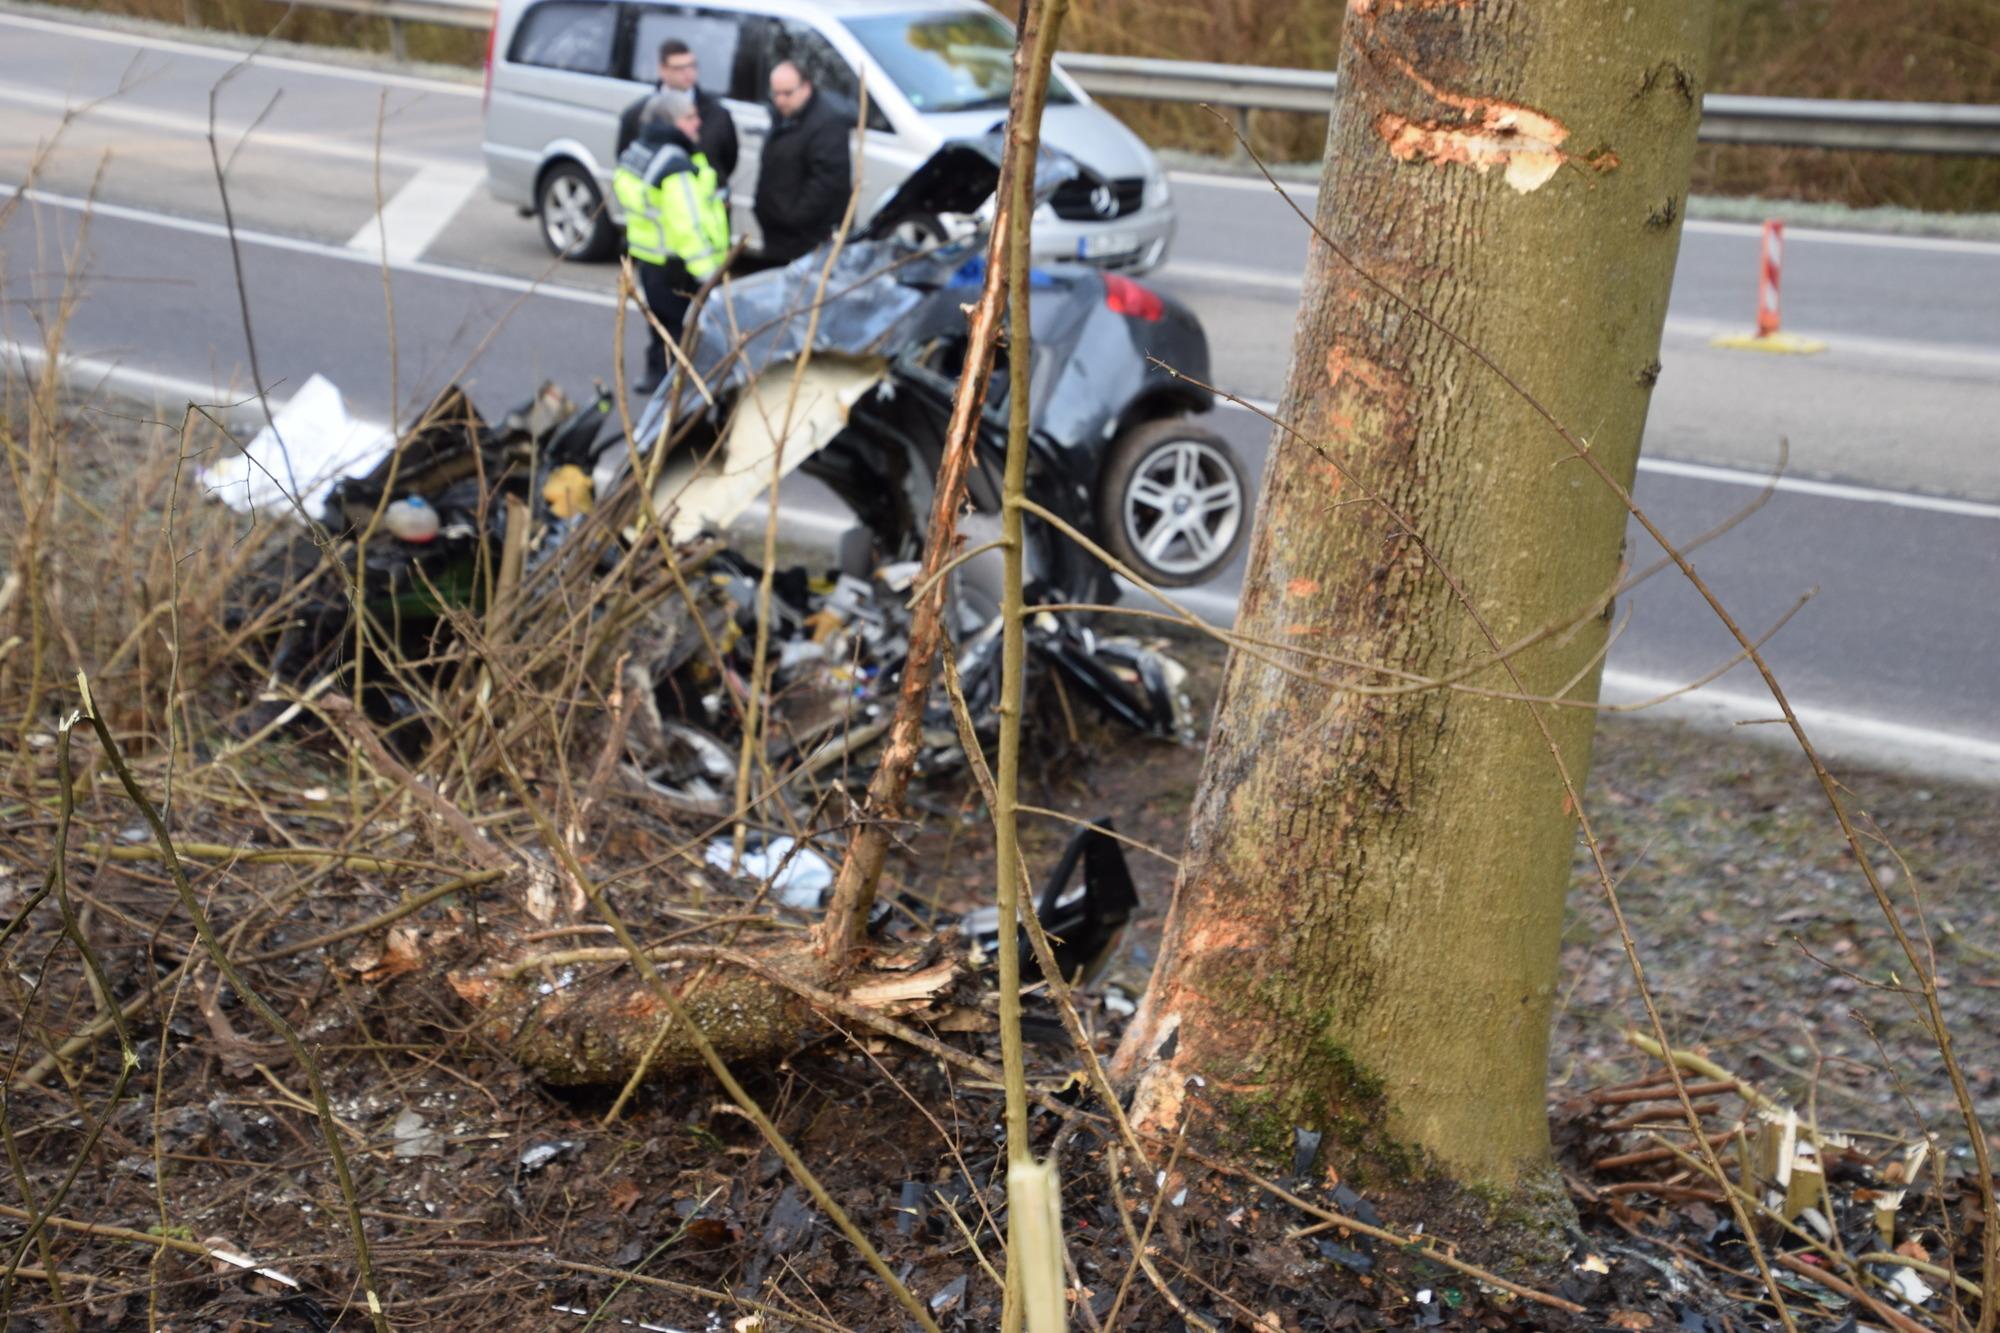 Todlicher Unfall Bei Waibstadt Auto Kracht Auf B292 Gegen Baum 18 Jahriger Stirbt Update Sinsheim Rnz